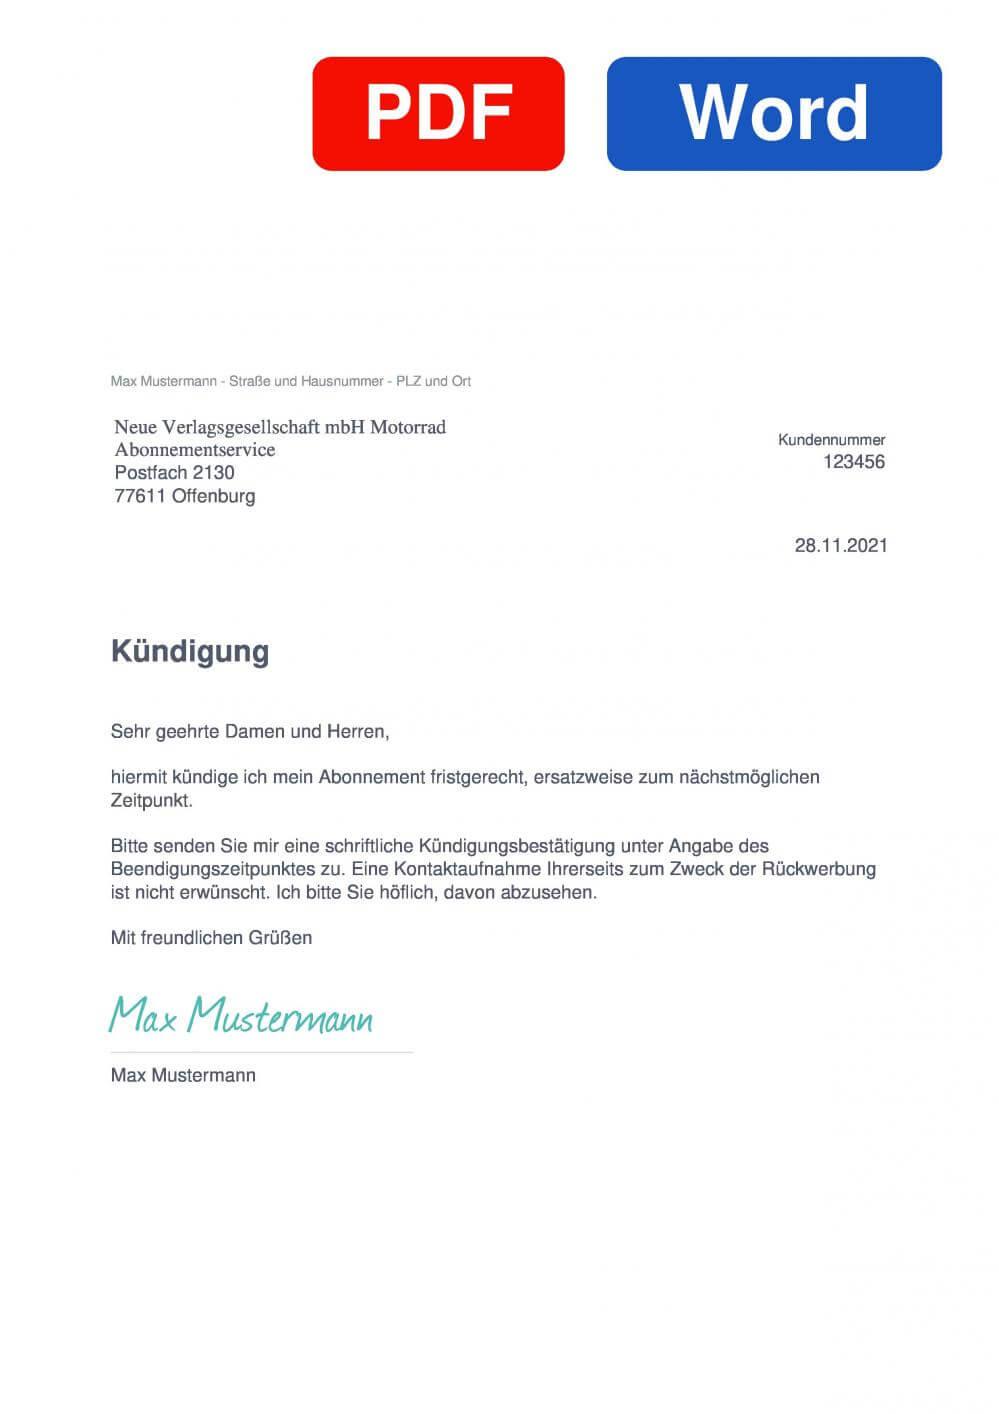 MOTORRAD Muster Vorlage für Kündigungsschreiben